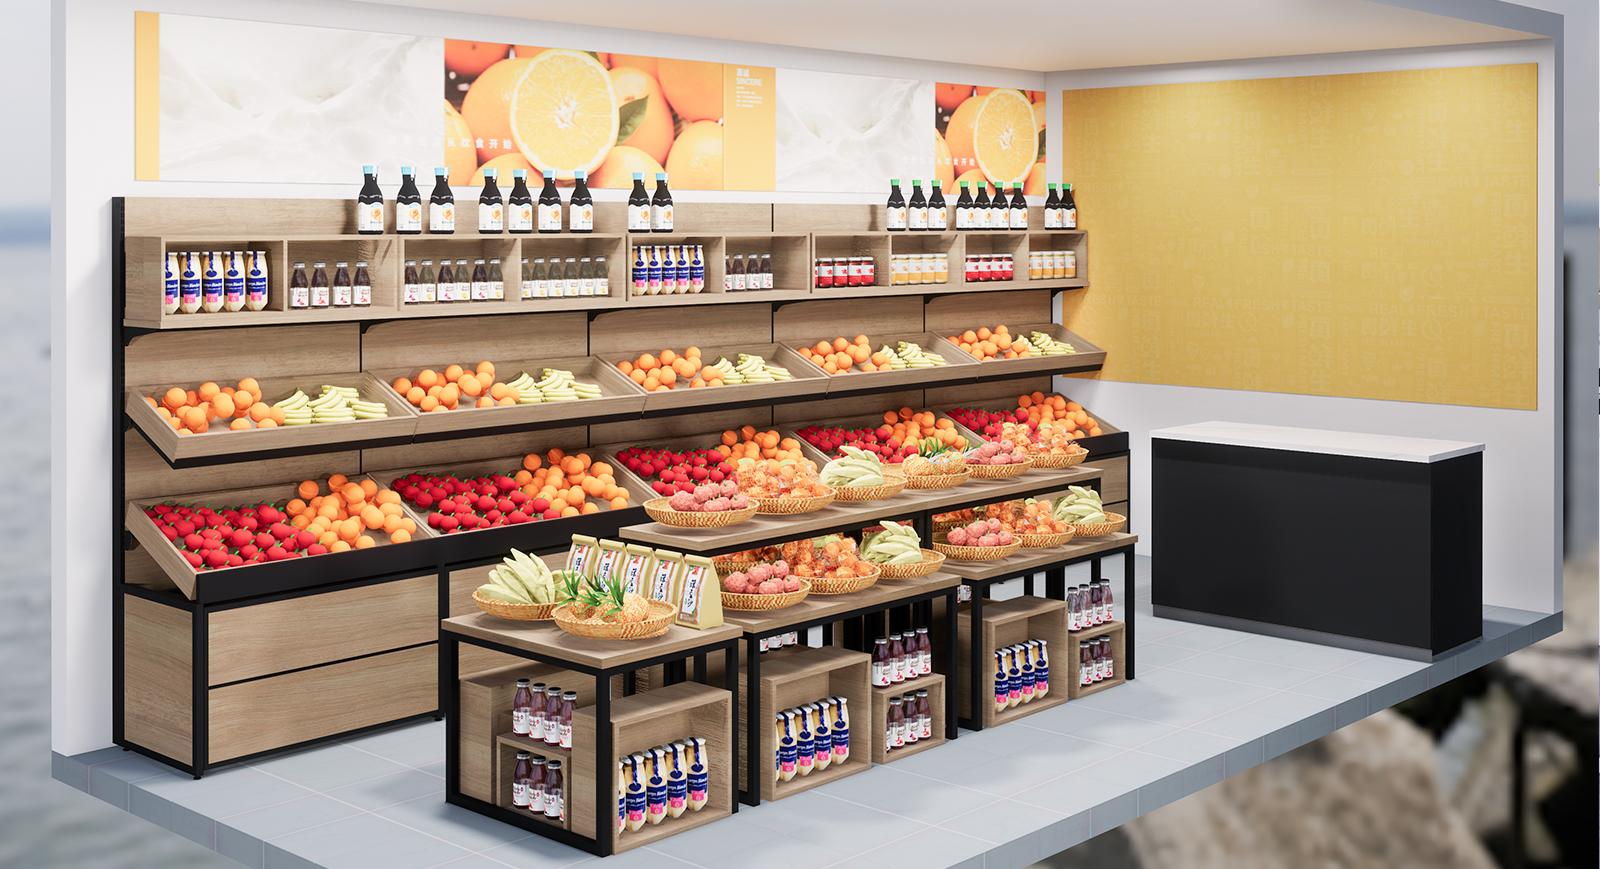 想经营一家水果店,请从货架选择开始